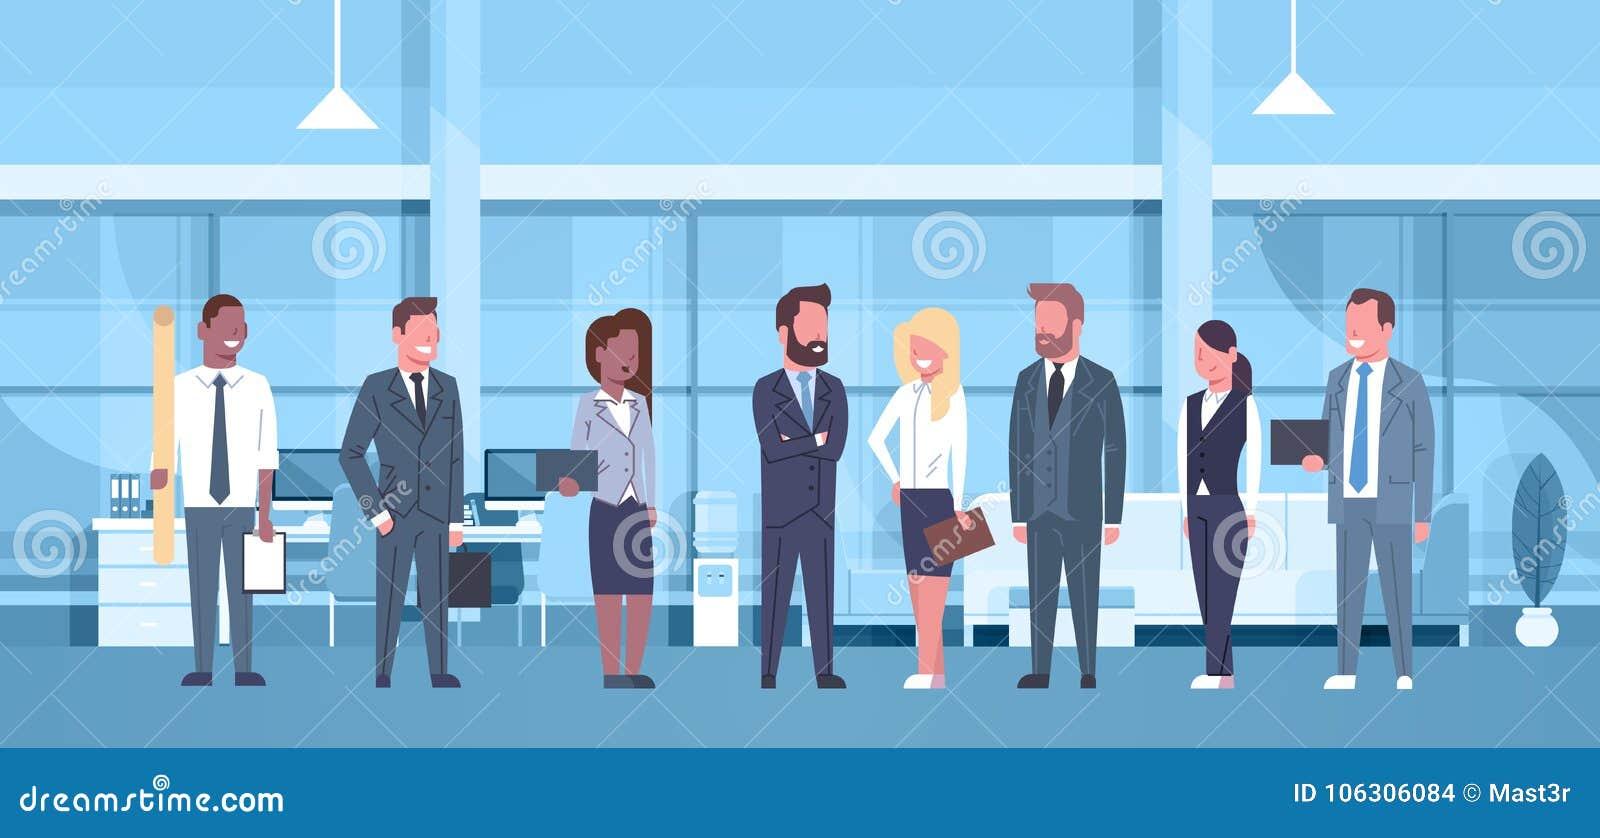 Grupp för begrepp för blandningloppTeam Of Business People In modern kontor av lyckade affärsmän och affärskvinnaarbetsplatsen